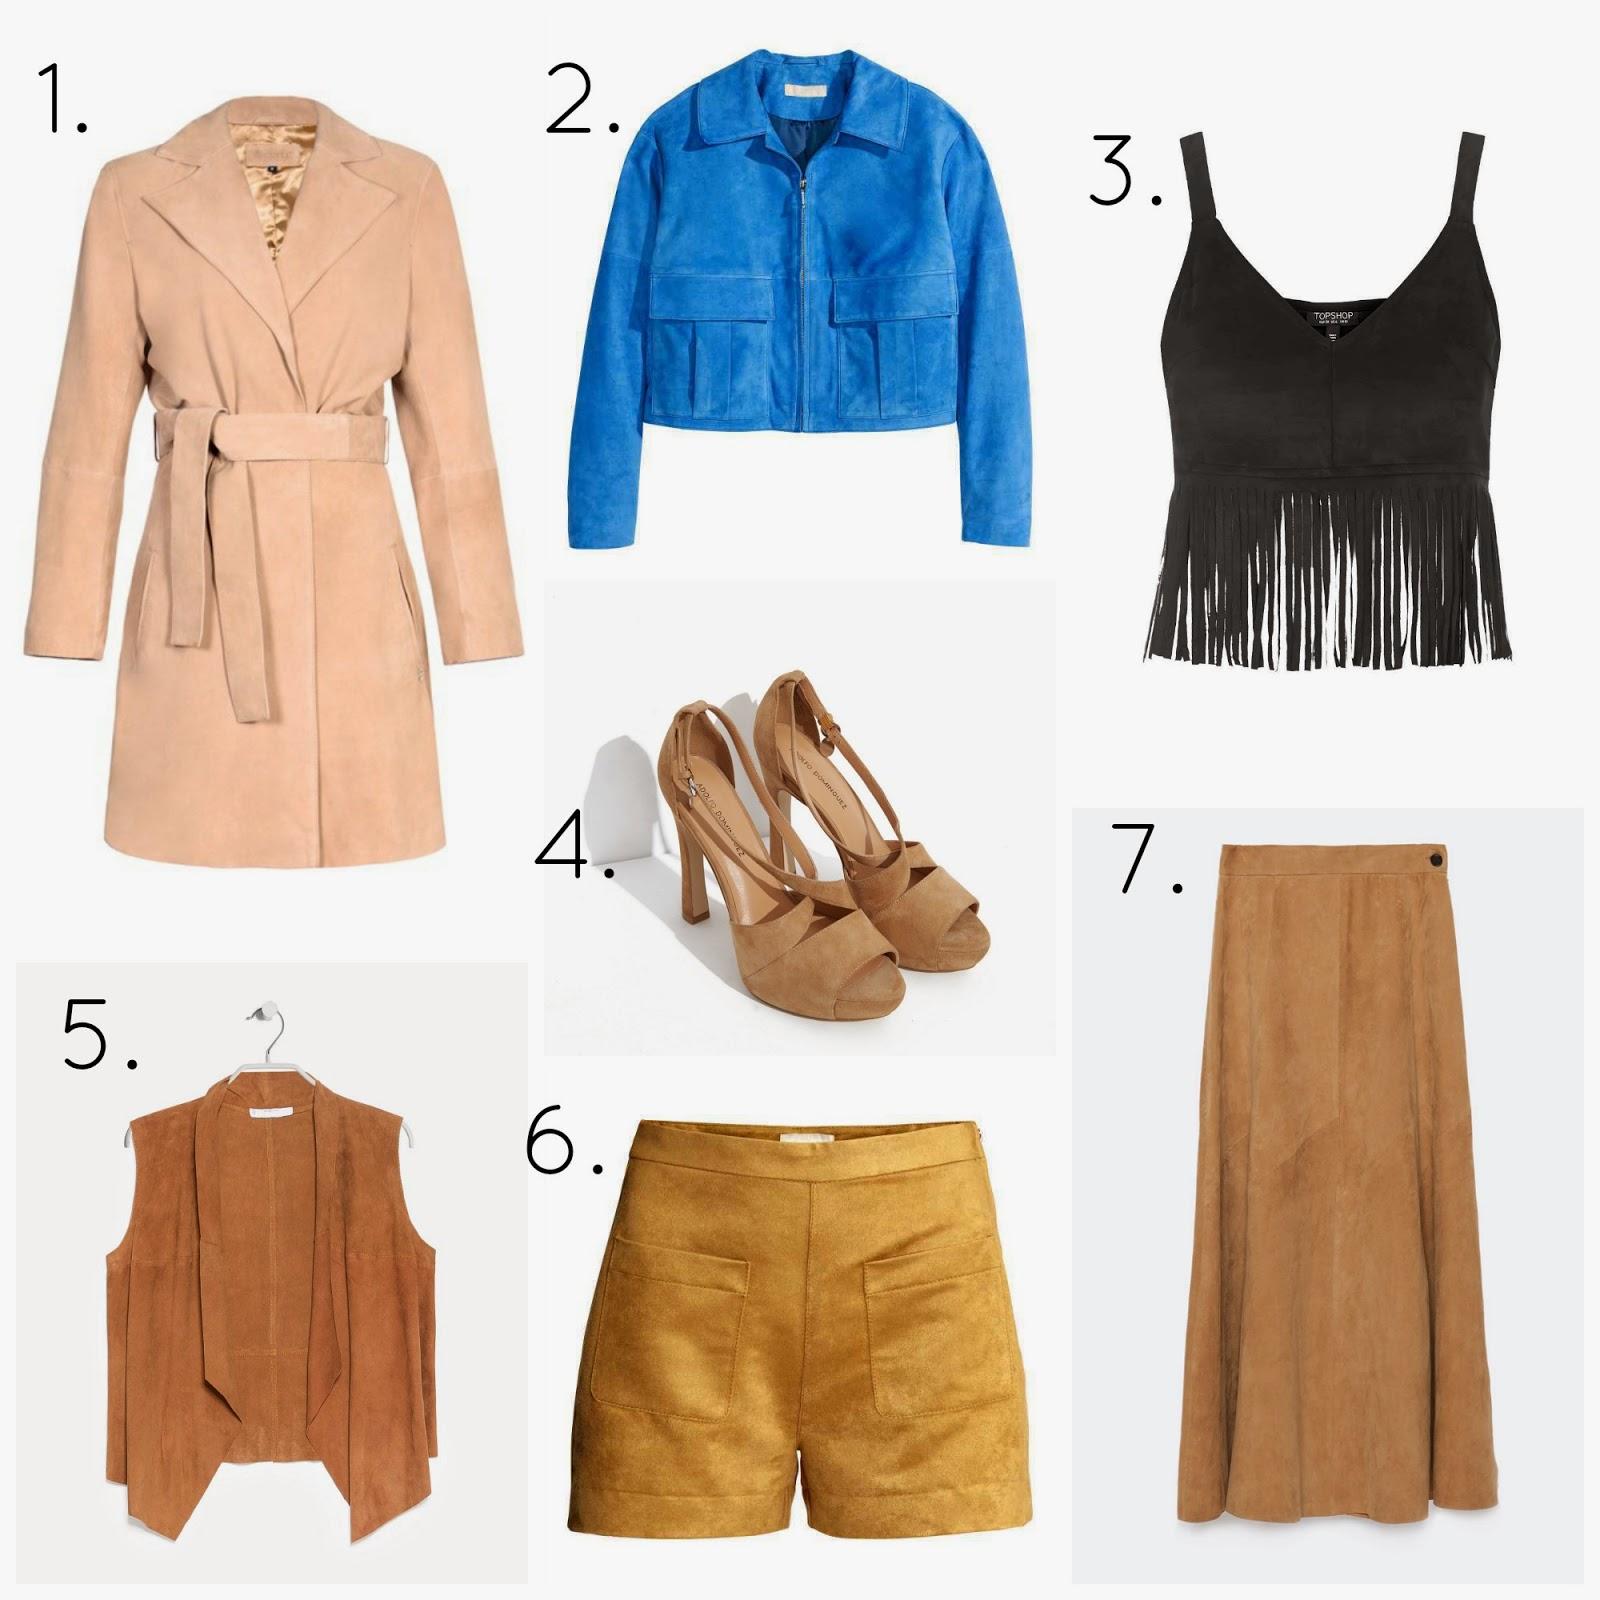 Tendencia Ante moda fashion trendy primavera verano 2015 compras shopping piel pantalon chaleco